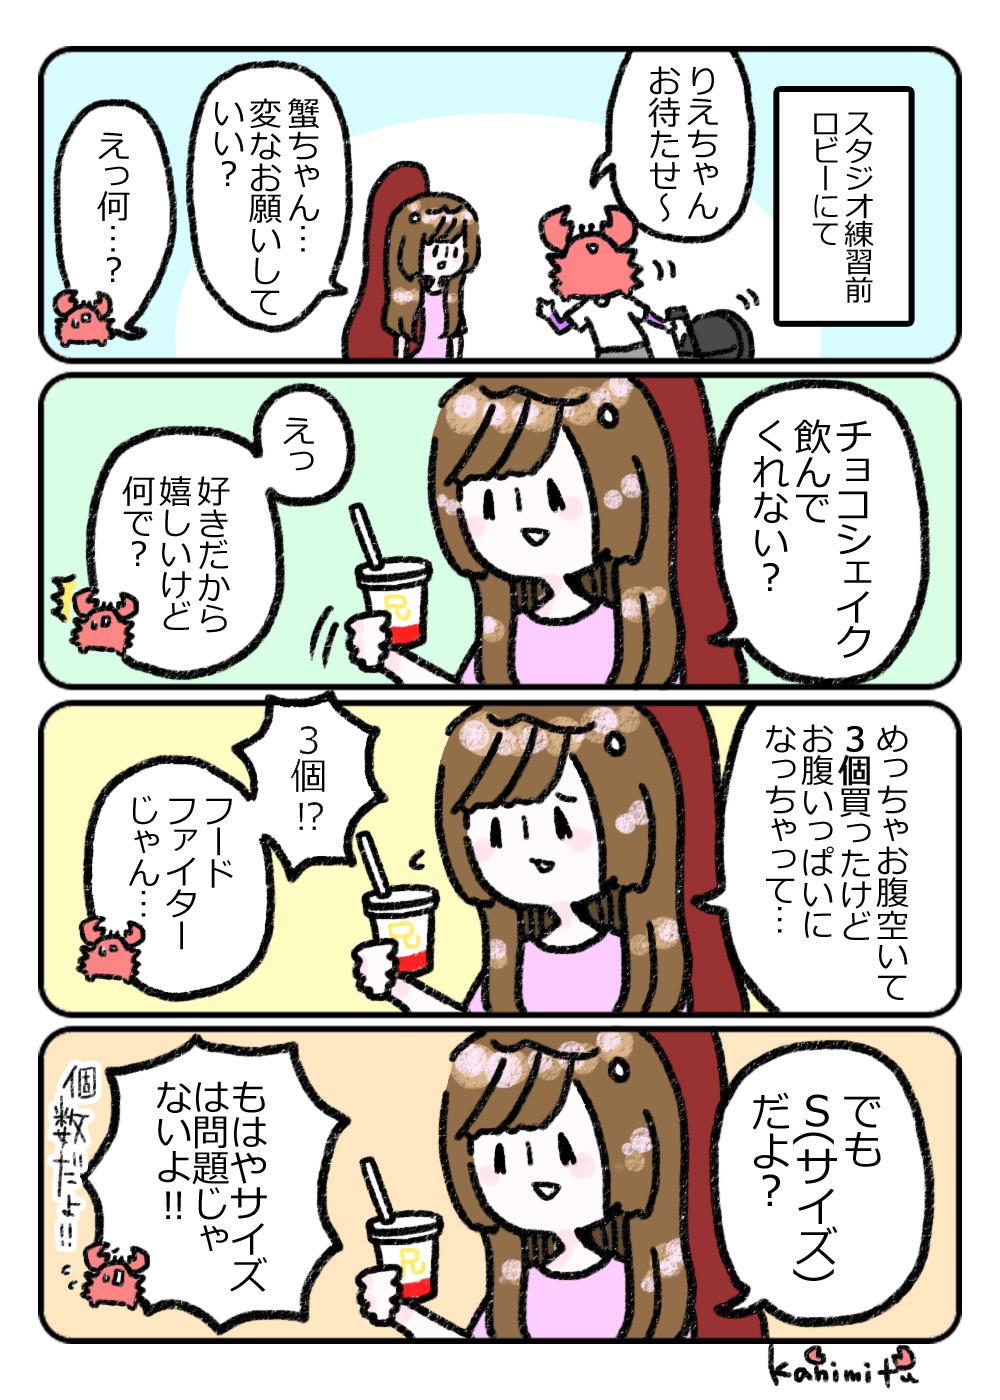 2019.08.10変なお願い